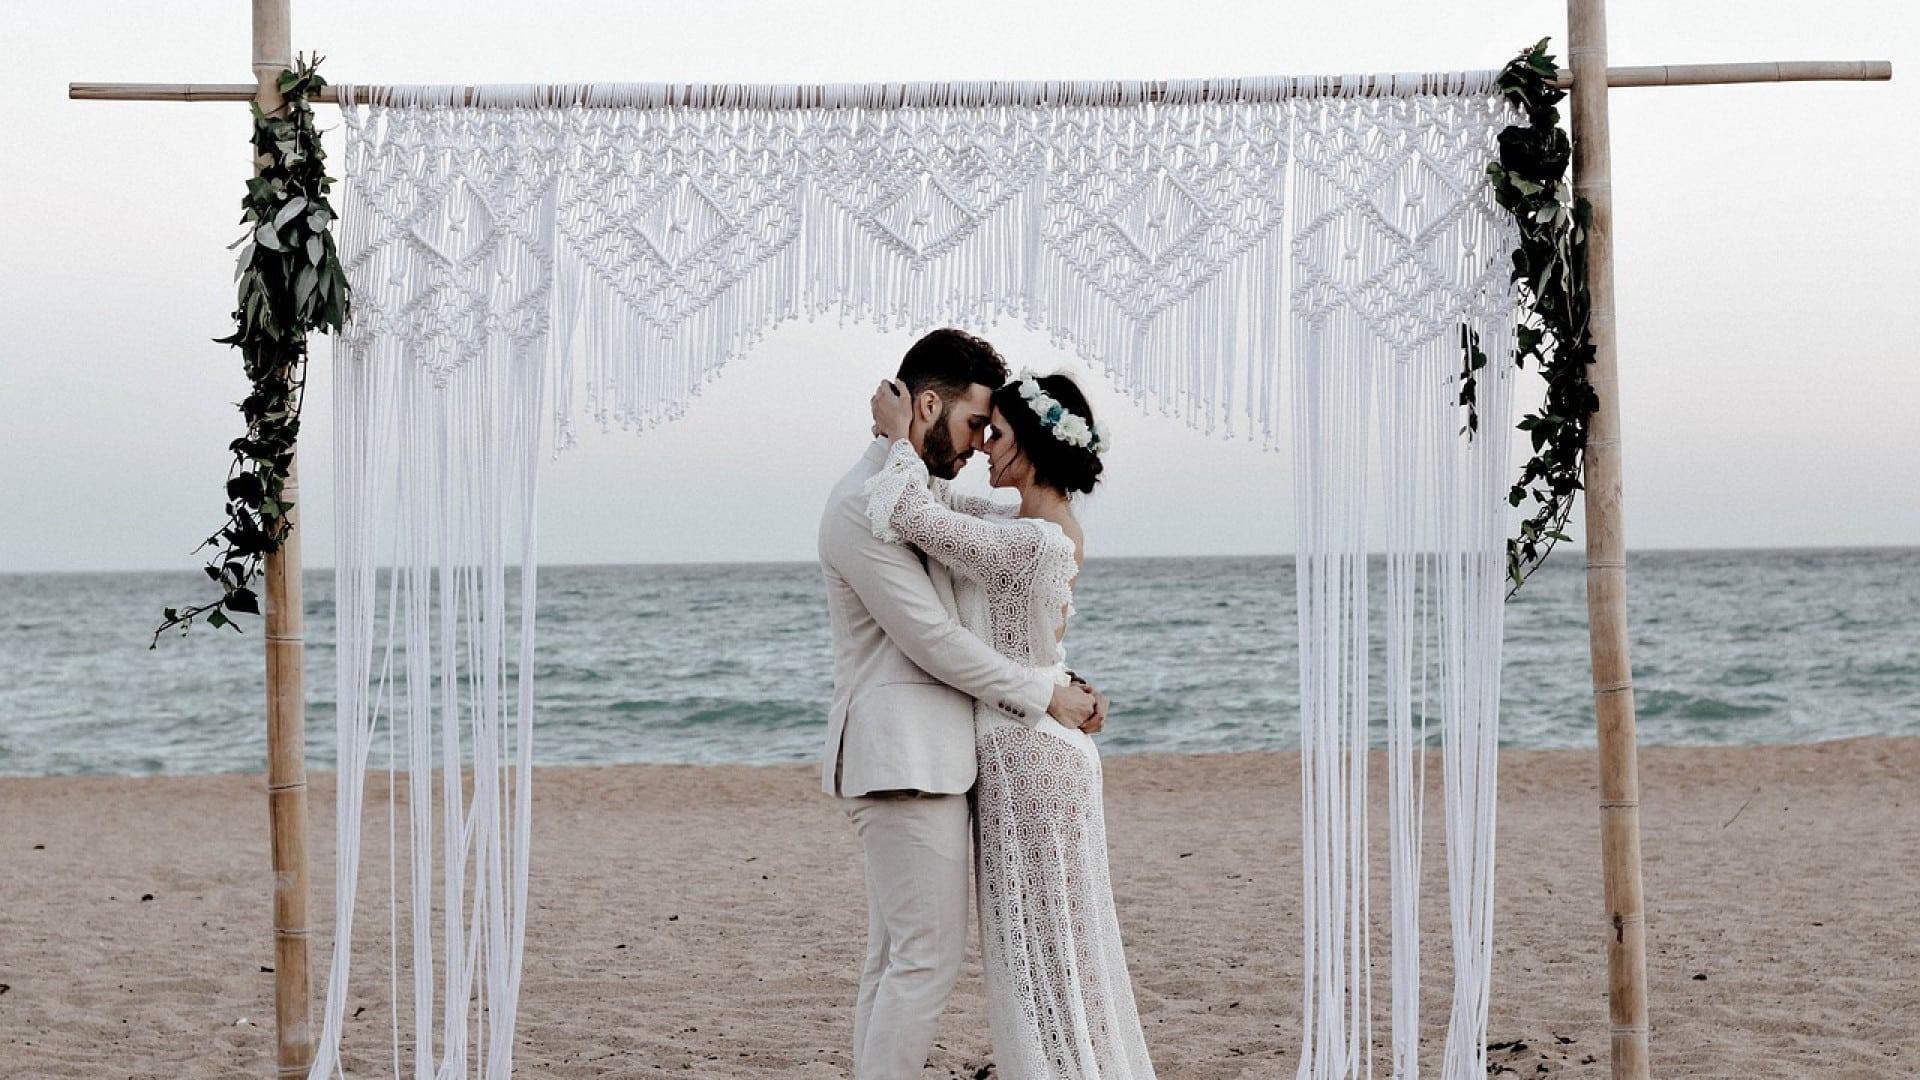 Pourquoi louer un photobooth pour son mariage ?